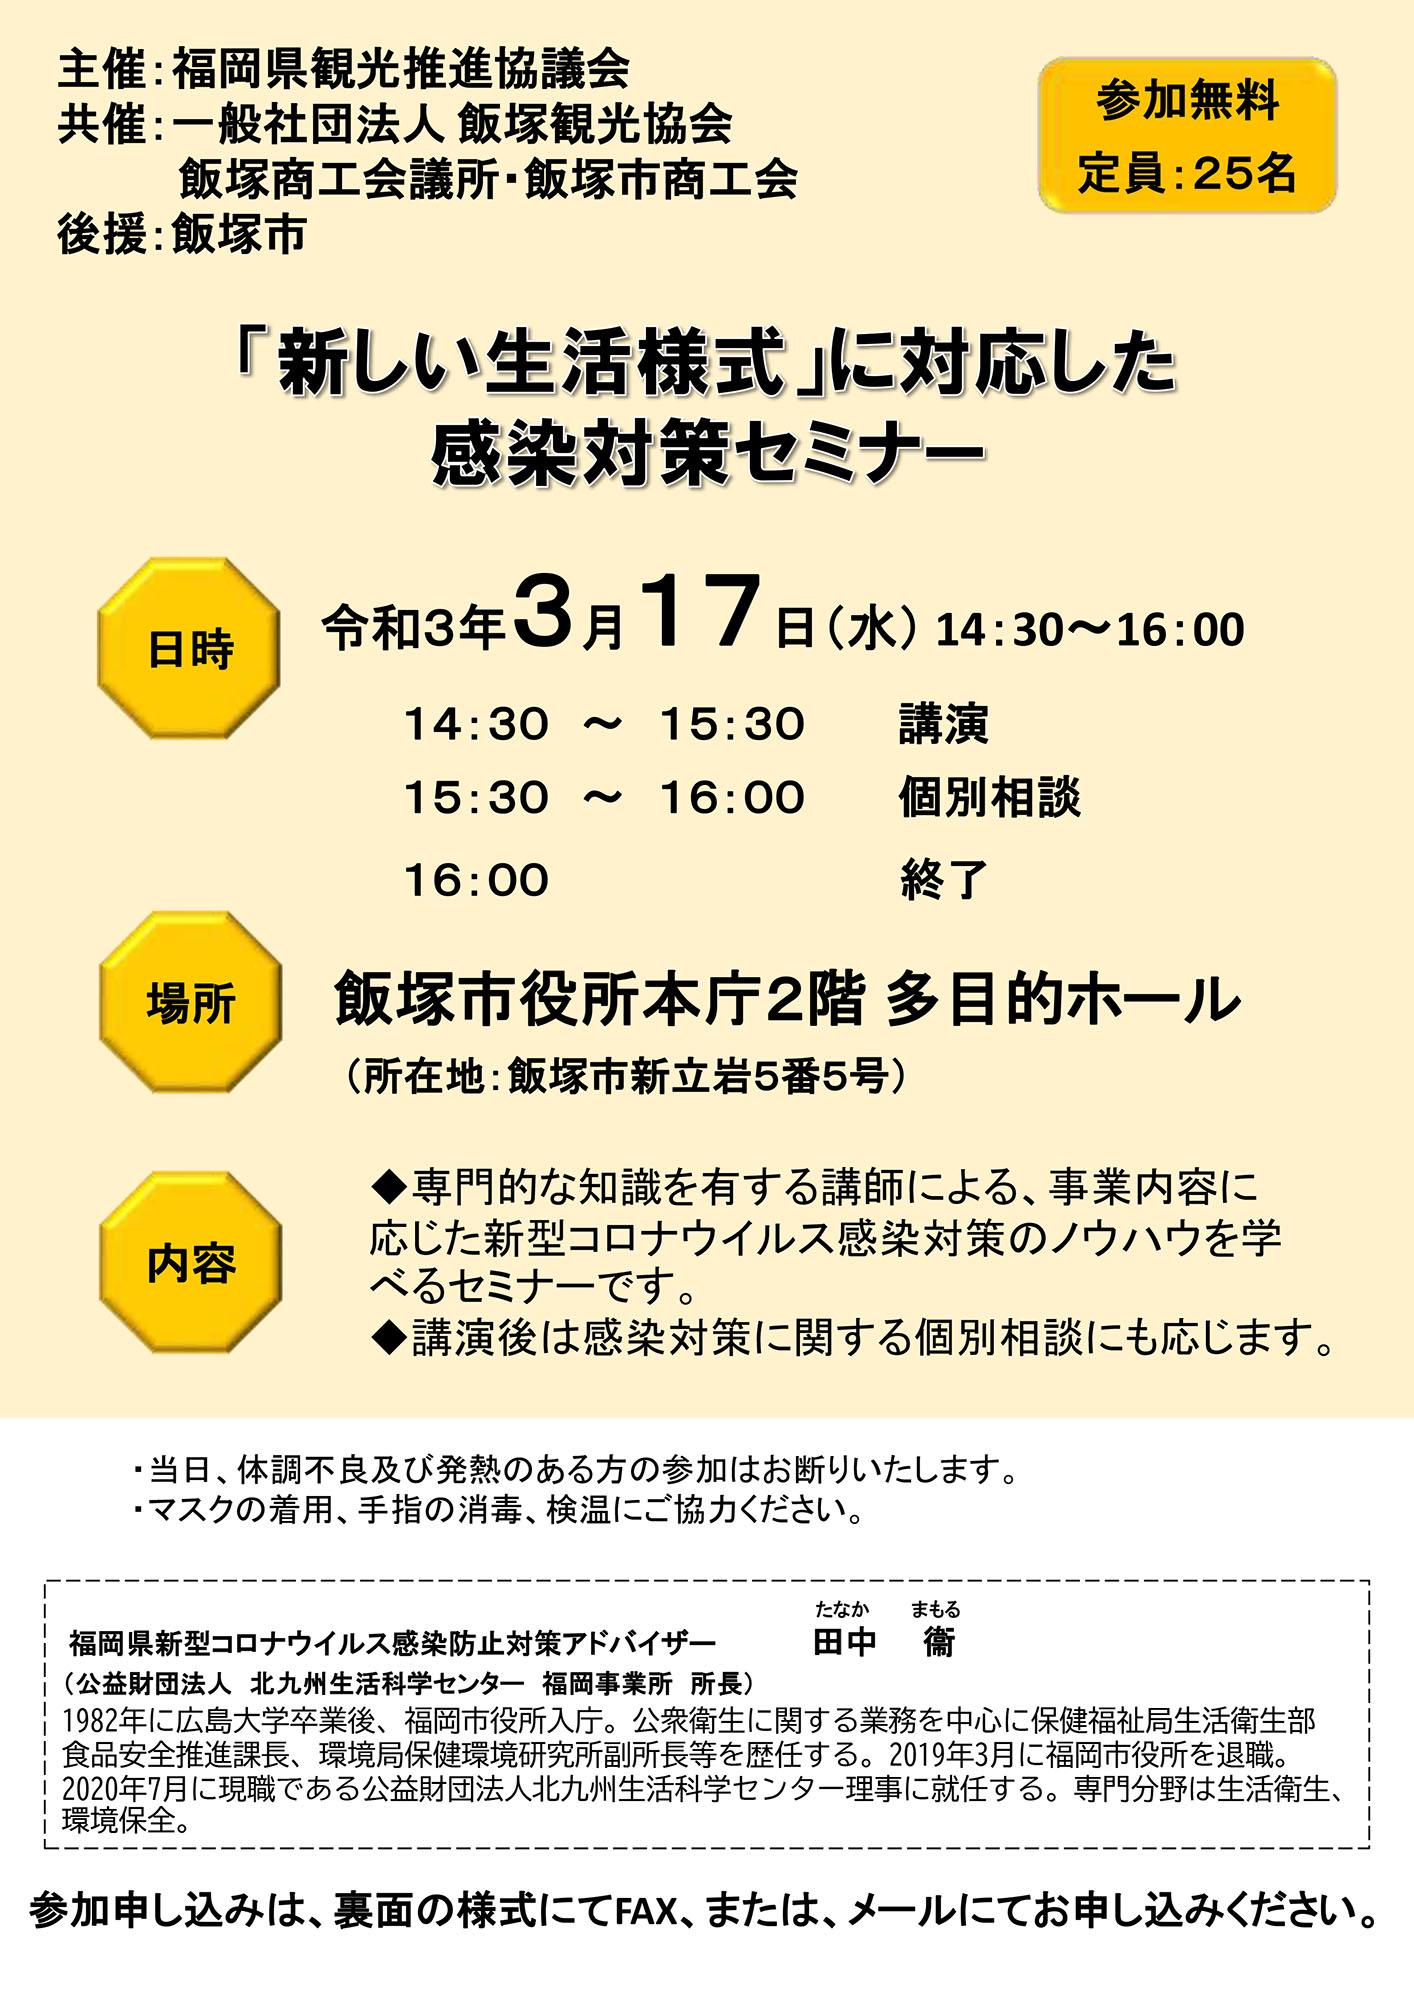 飯塚市 新しい生活様式に対応した感染対策セミナー